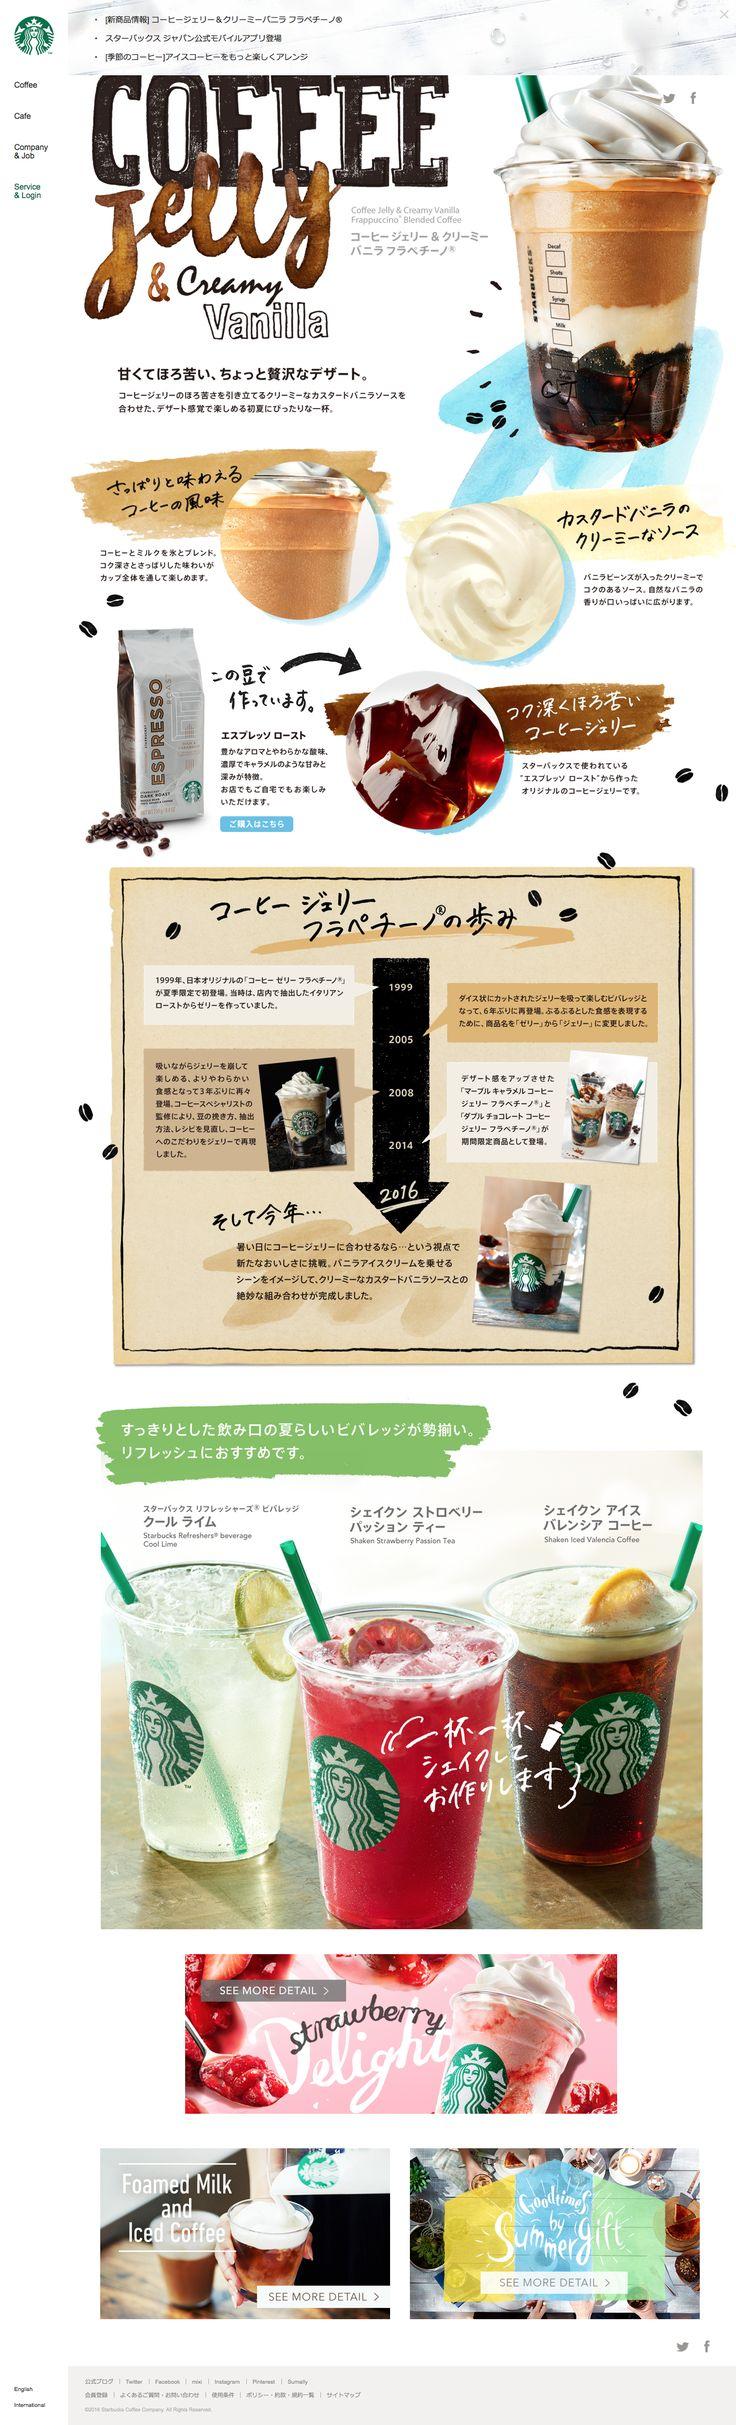 [新商品情報] コーヒージェリー&クリーミーバニラ プラペチーノ®|スターバックス コーヒー ジャパン